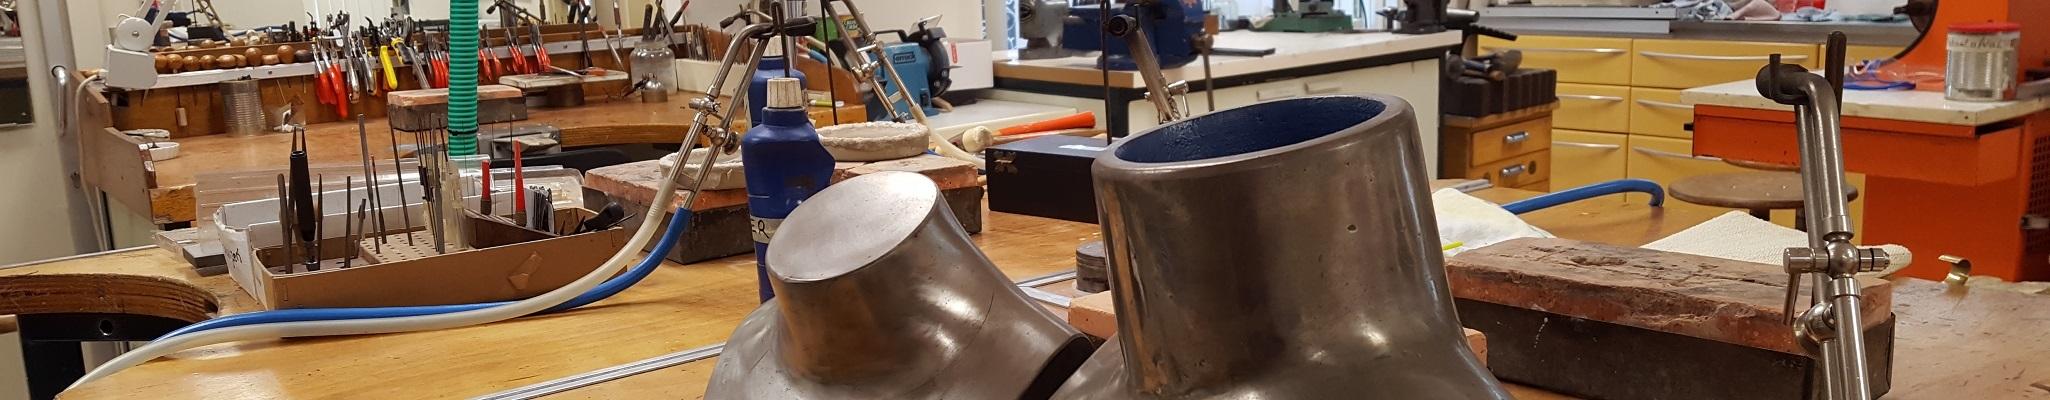 Goud zilver ring maken sieraden workshop kinderen bedrijfsuitje emmen drenthe 01